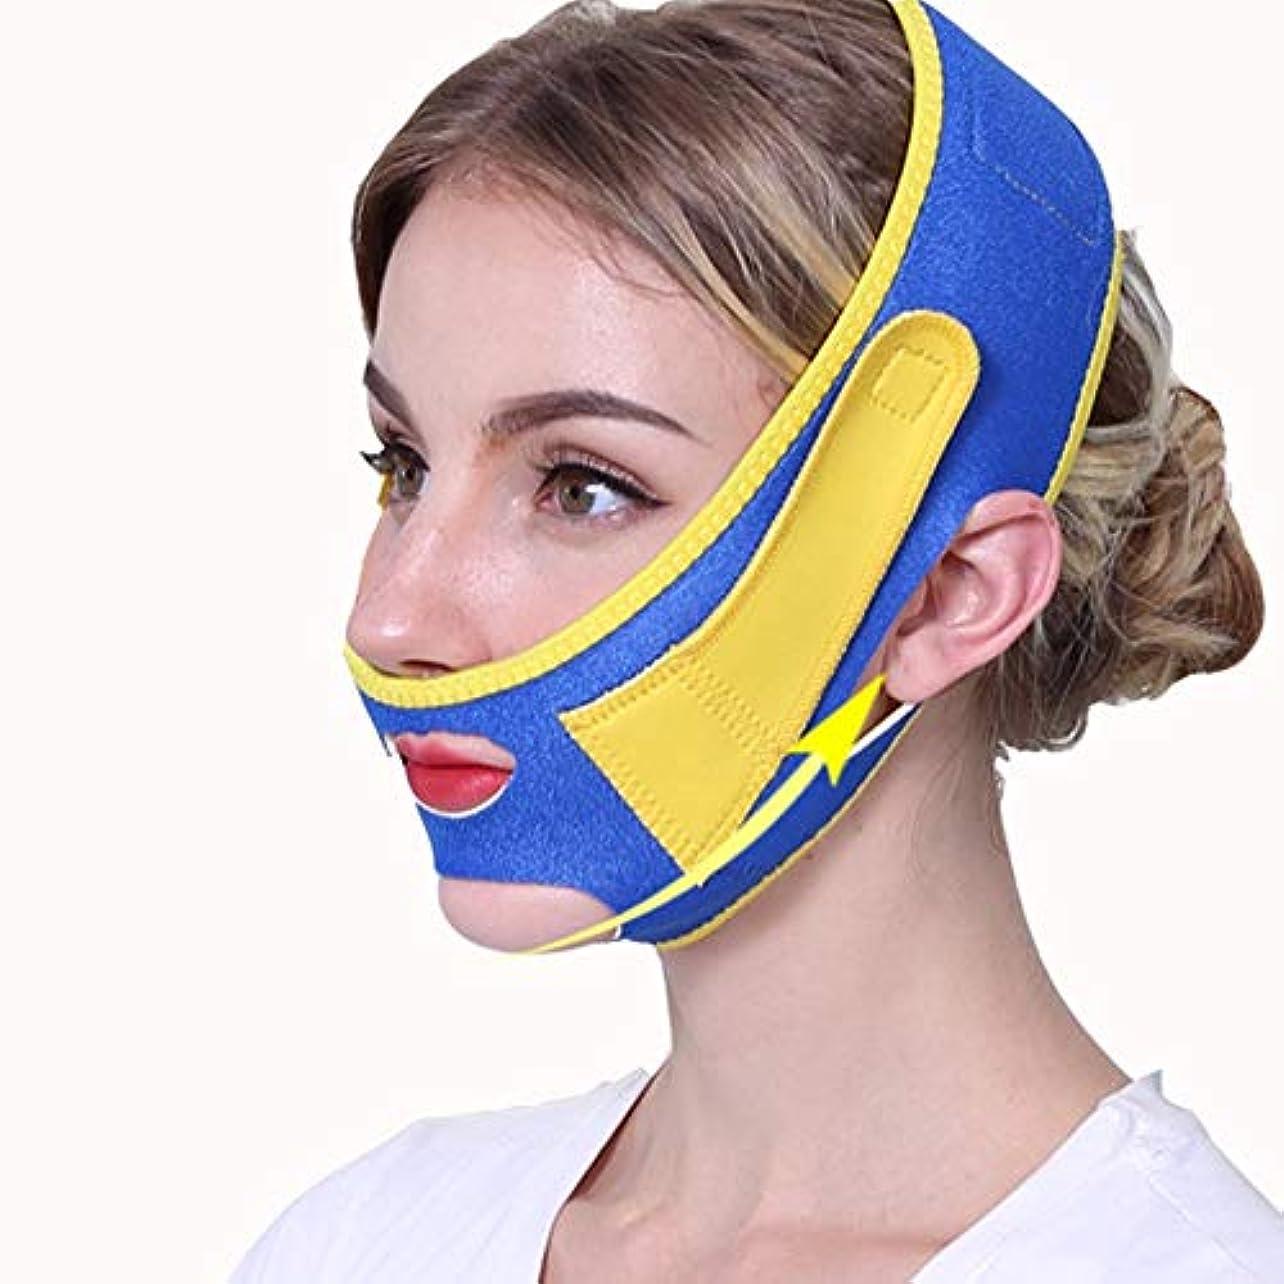 けがをする境界最後にフェイシャルリフティング痩身ベルトフェイス包帯マスク整形マスクフェイスベルトを引き締める薄型フェイス包帯整形マスクフェイスと首の顔を引き締めスリム